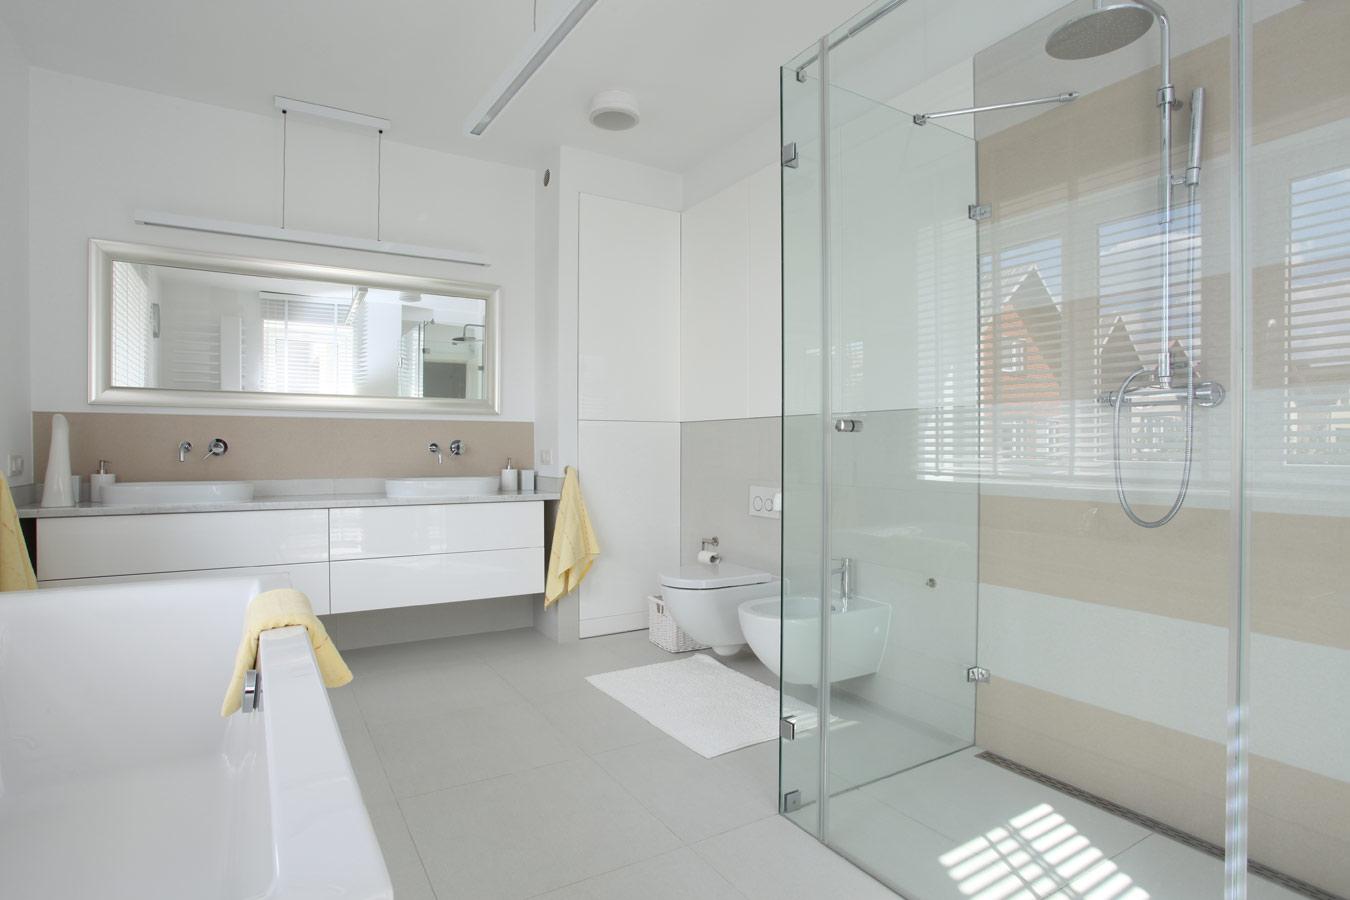 een-douchecabine kopen: maak de juiste keuze met deze eenvoudige tips